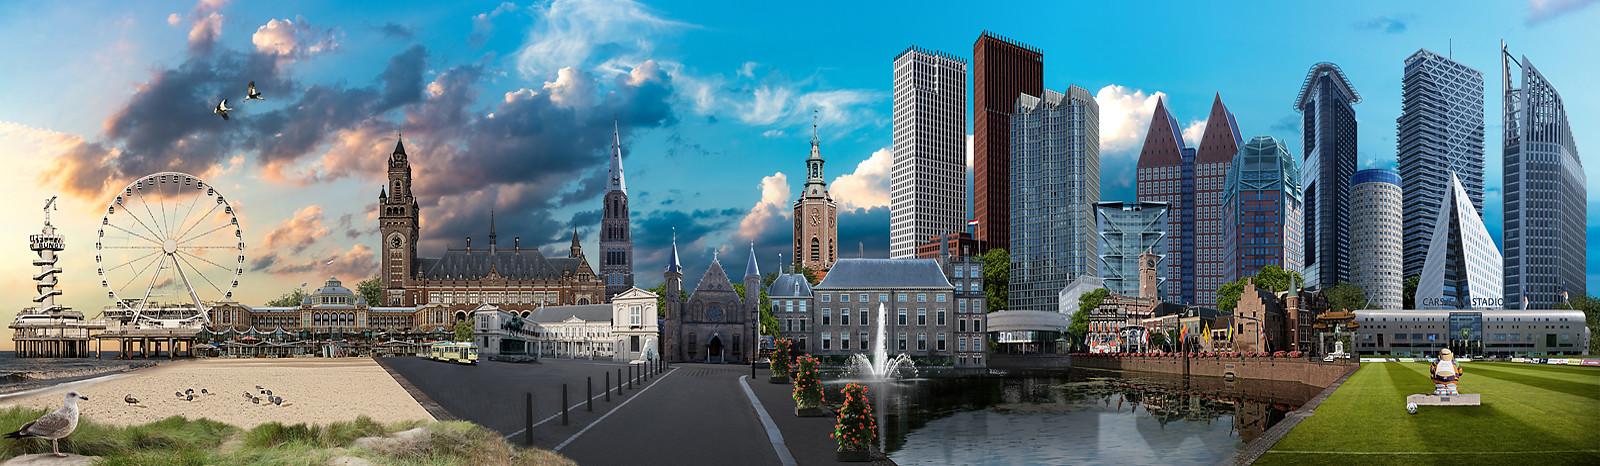 Skyline Den Haag Kleurrijk versie1